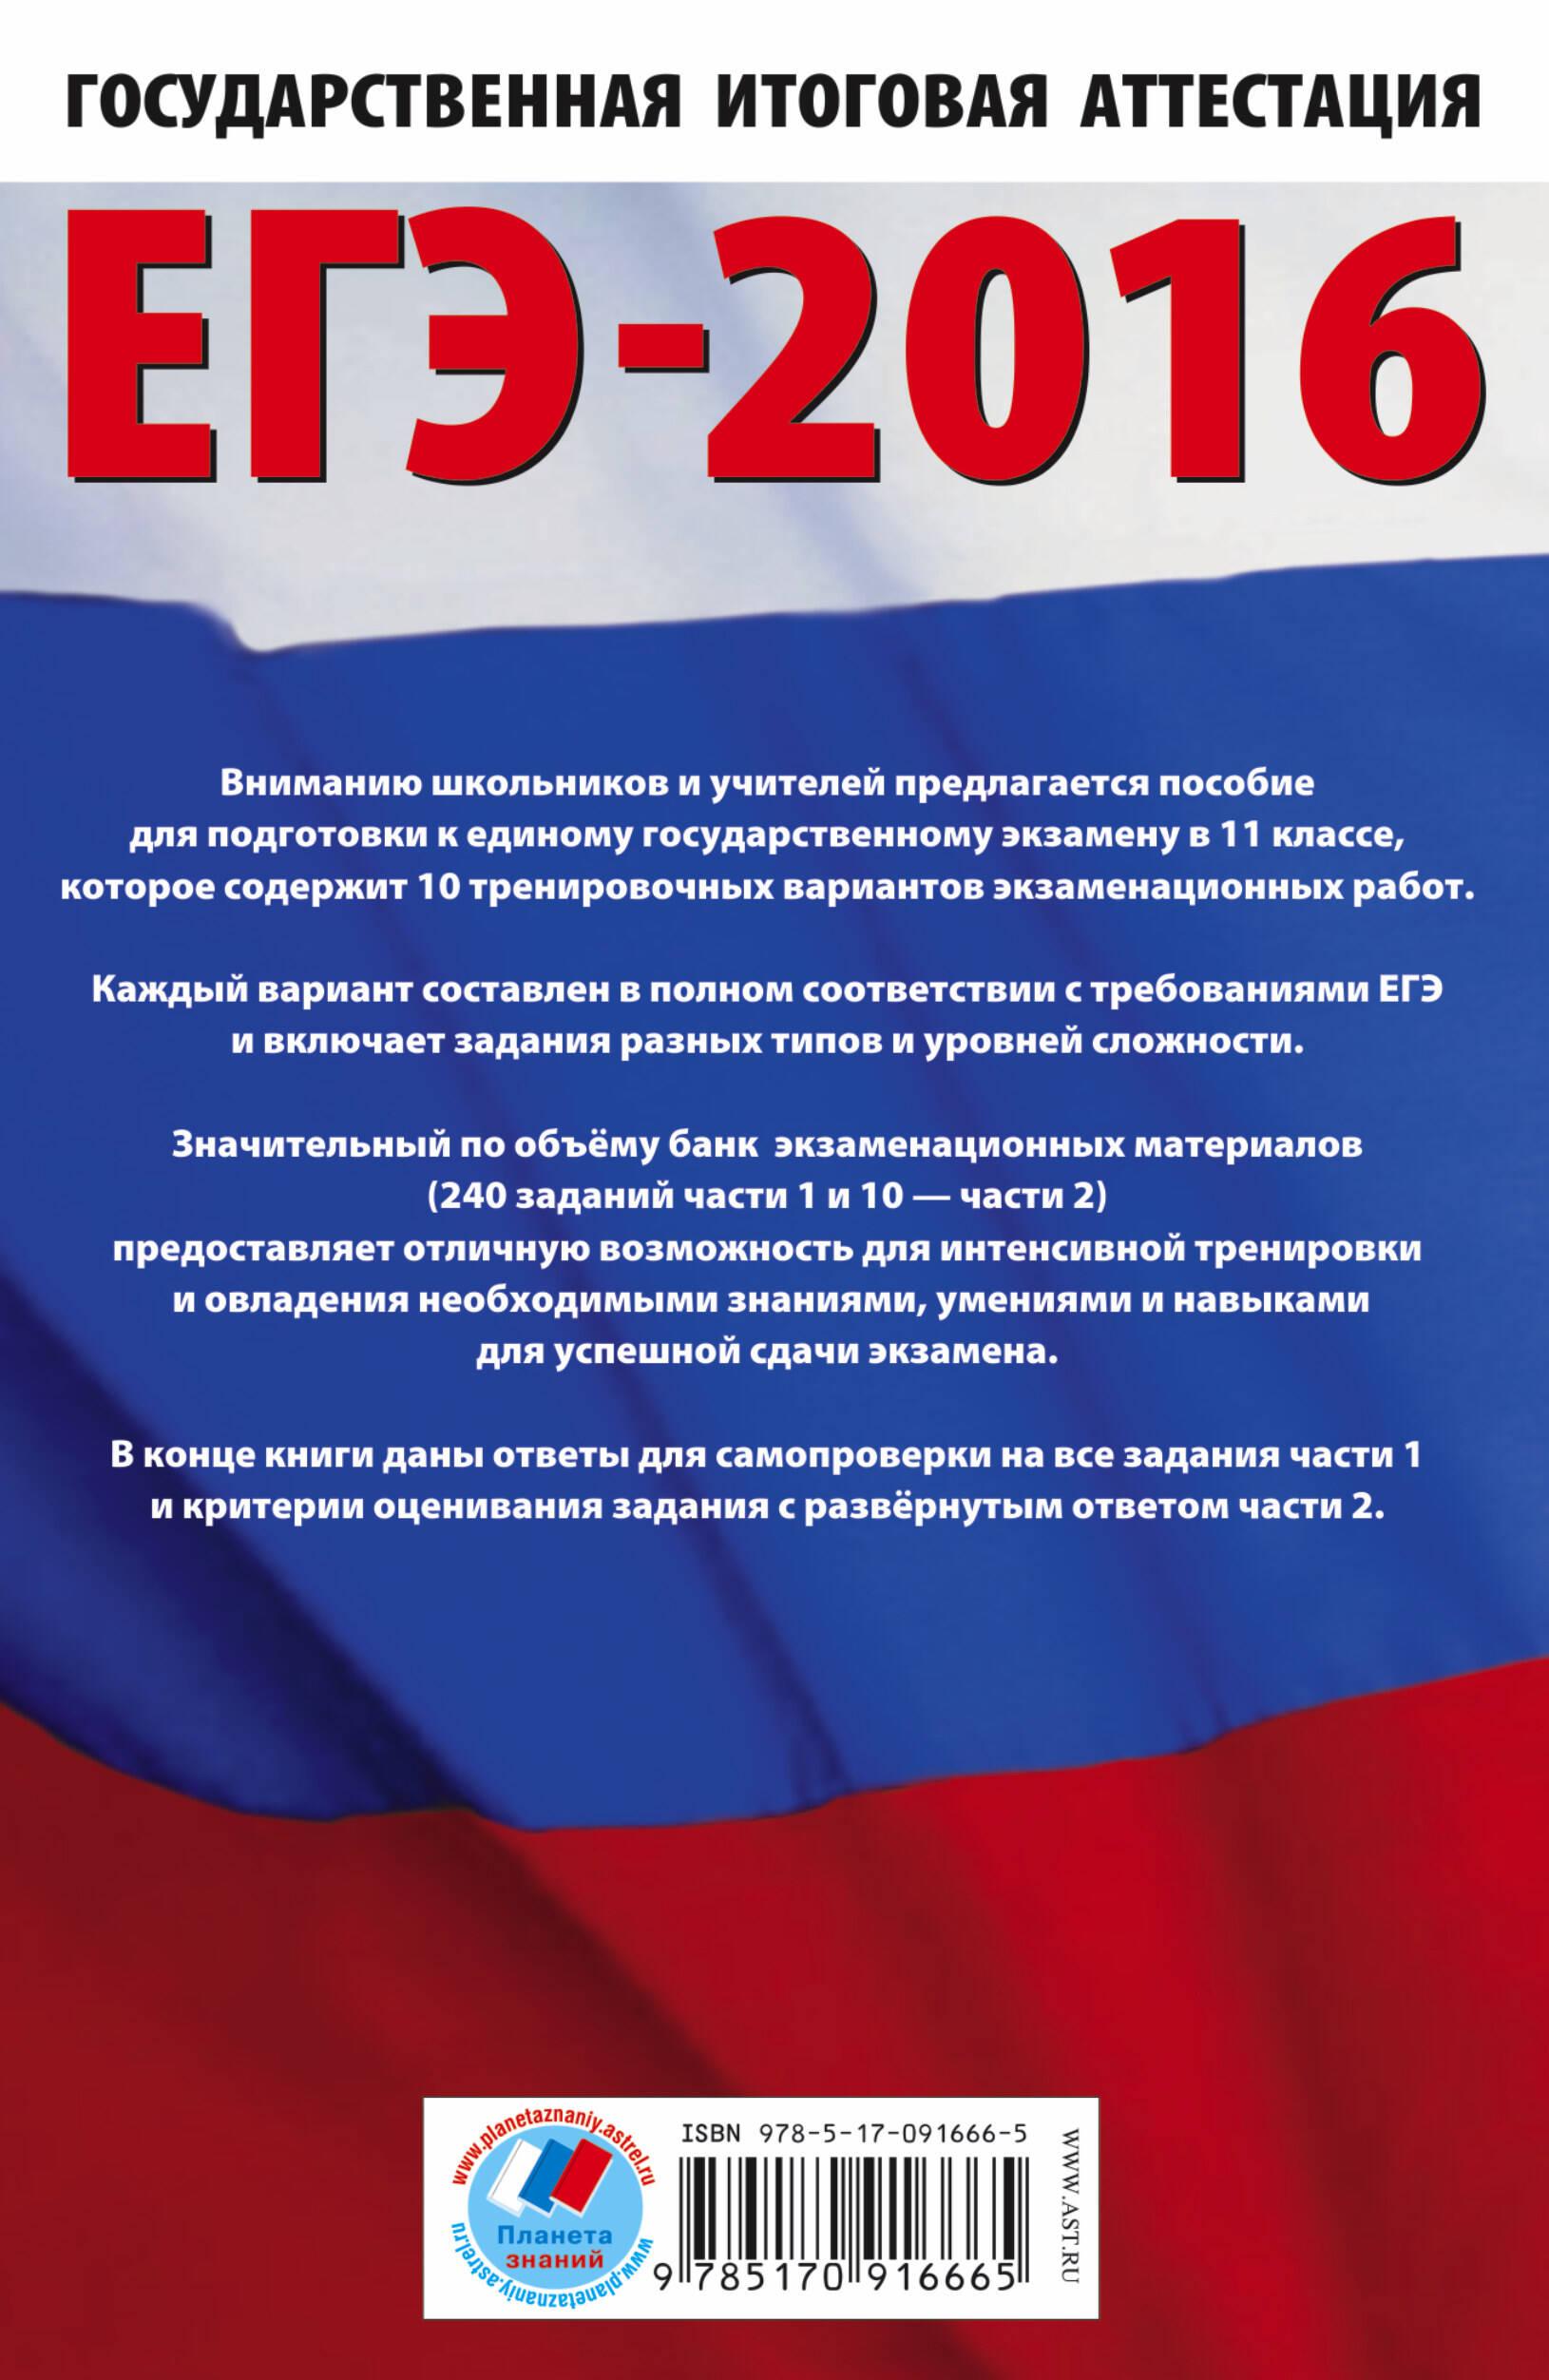 ЕГЭ по русскому языку 2 16 - ЕГЭ портал